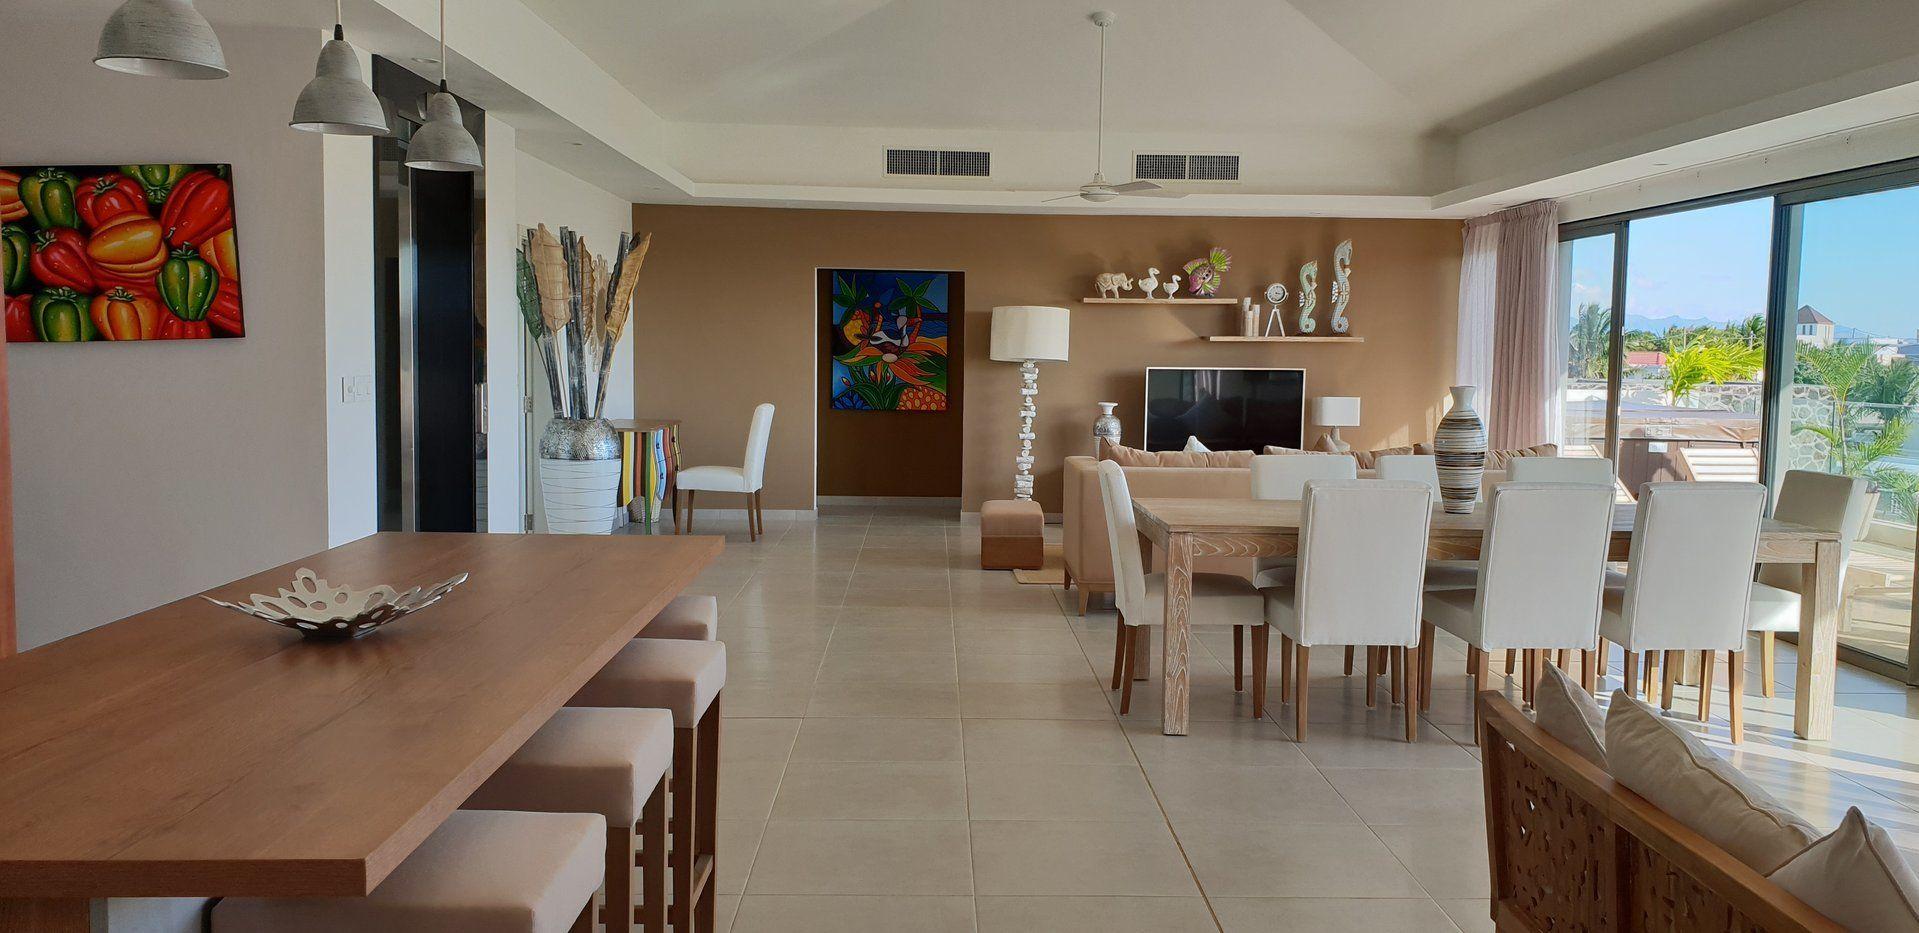 Maison à vendre 4 339.44m2 à Ile Maurice vignette-2